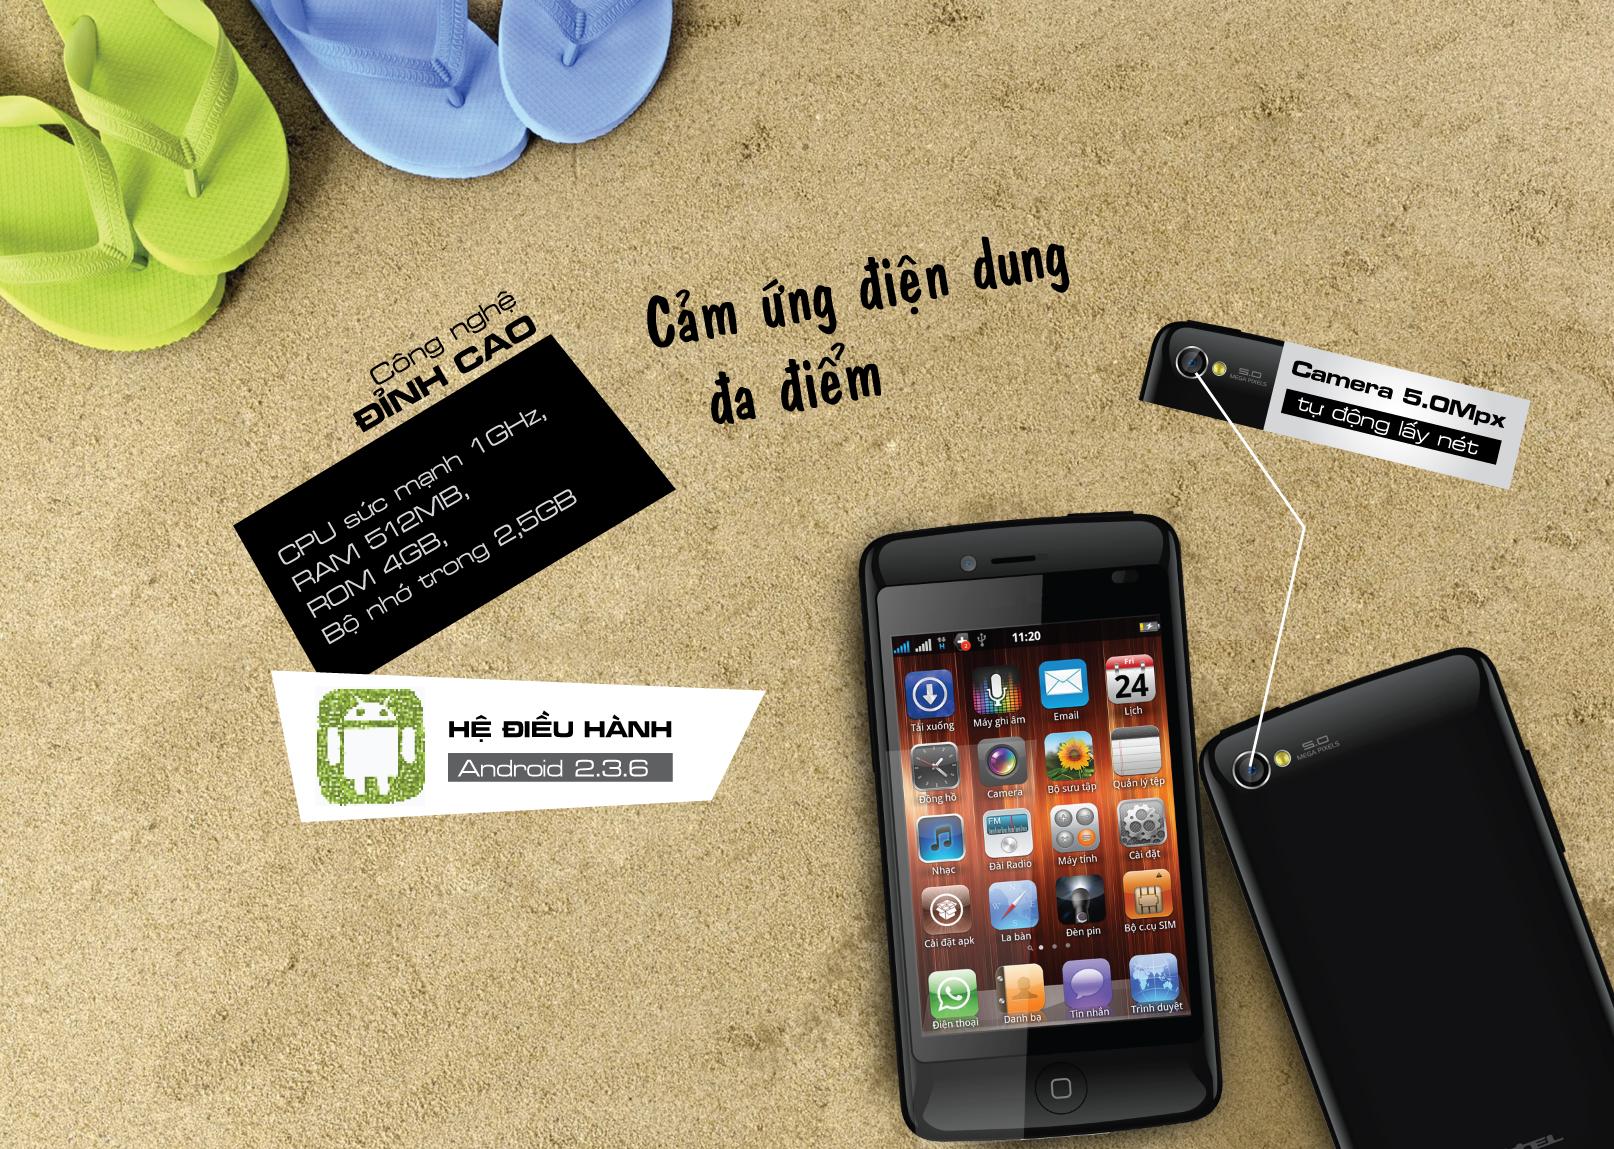 Viettel ra mắt i6 và i9: smartphone cấu hình cao giá chỉ từ 3 triệu đồng